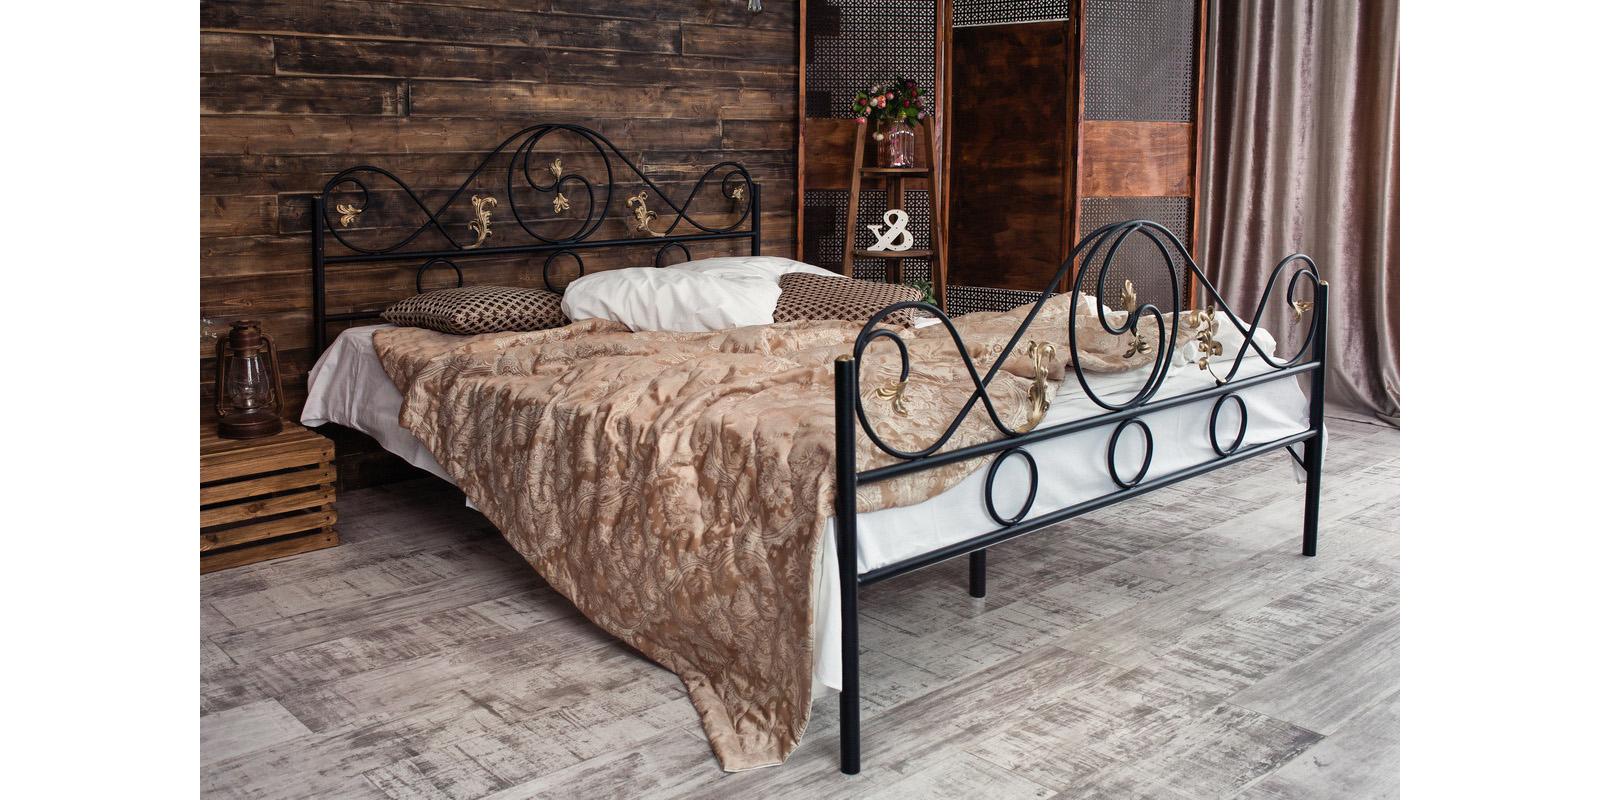 Металлическая кровать 180х200 Венеция с ортопедическим основанием (черный с золотом) S005/2-8 Венеция